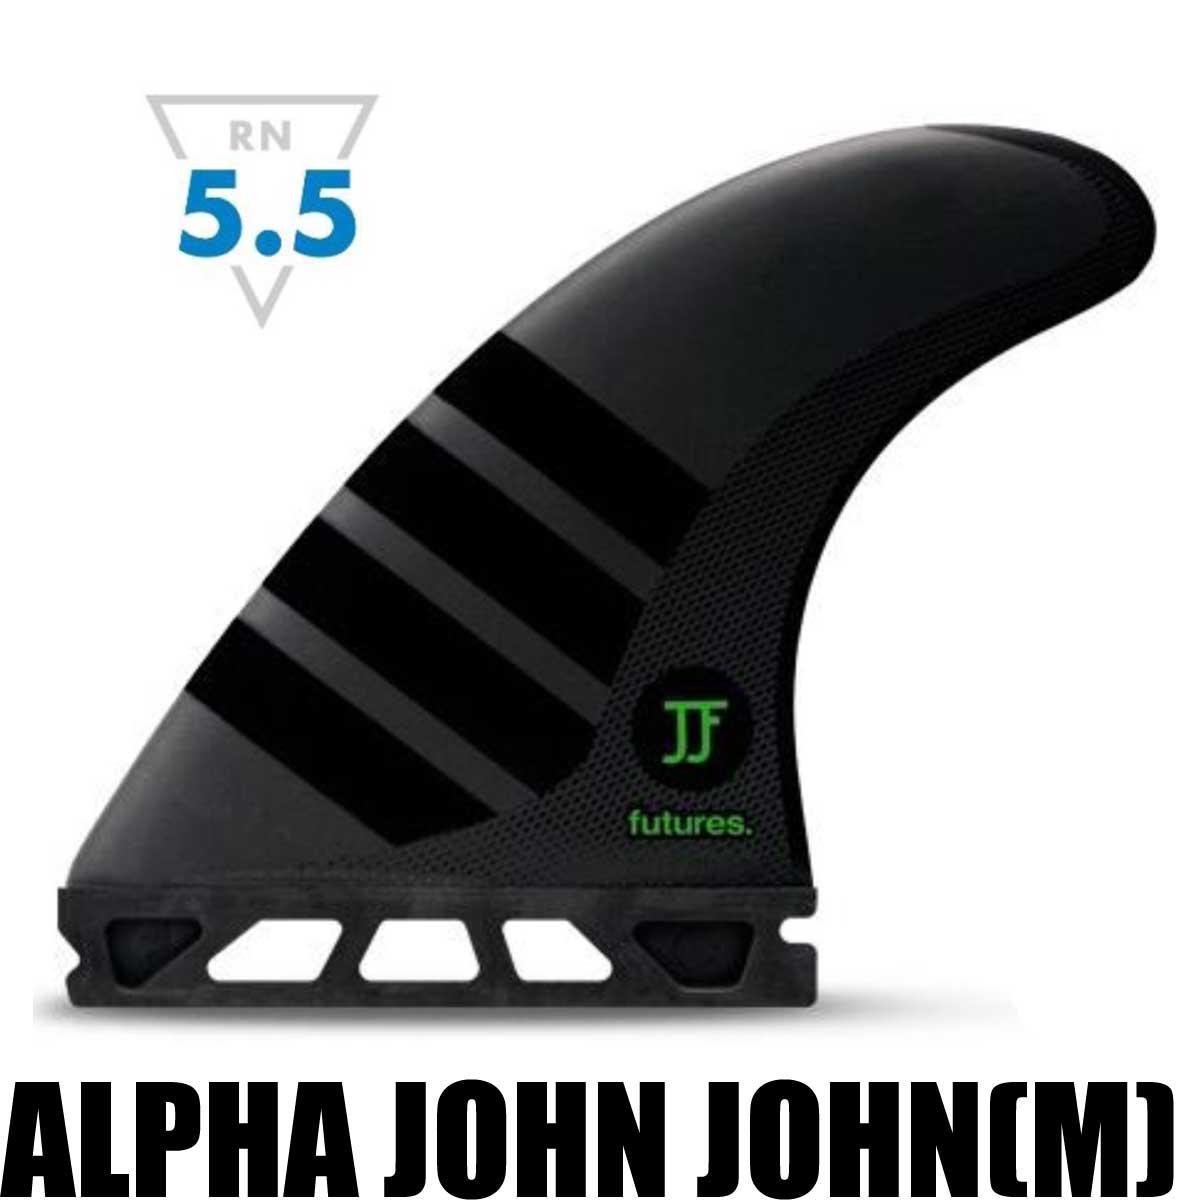 【土日祝も毎日発送】 FUTURES FIN ALPHA JOHN JOHN M ジョン・ジョン・フローレンステンプレート トライフィン 3フィン ショートボードフィン サーフィン